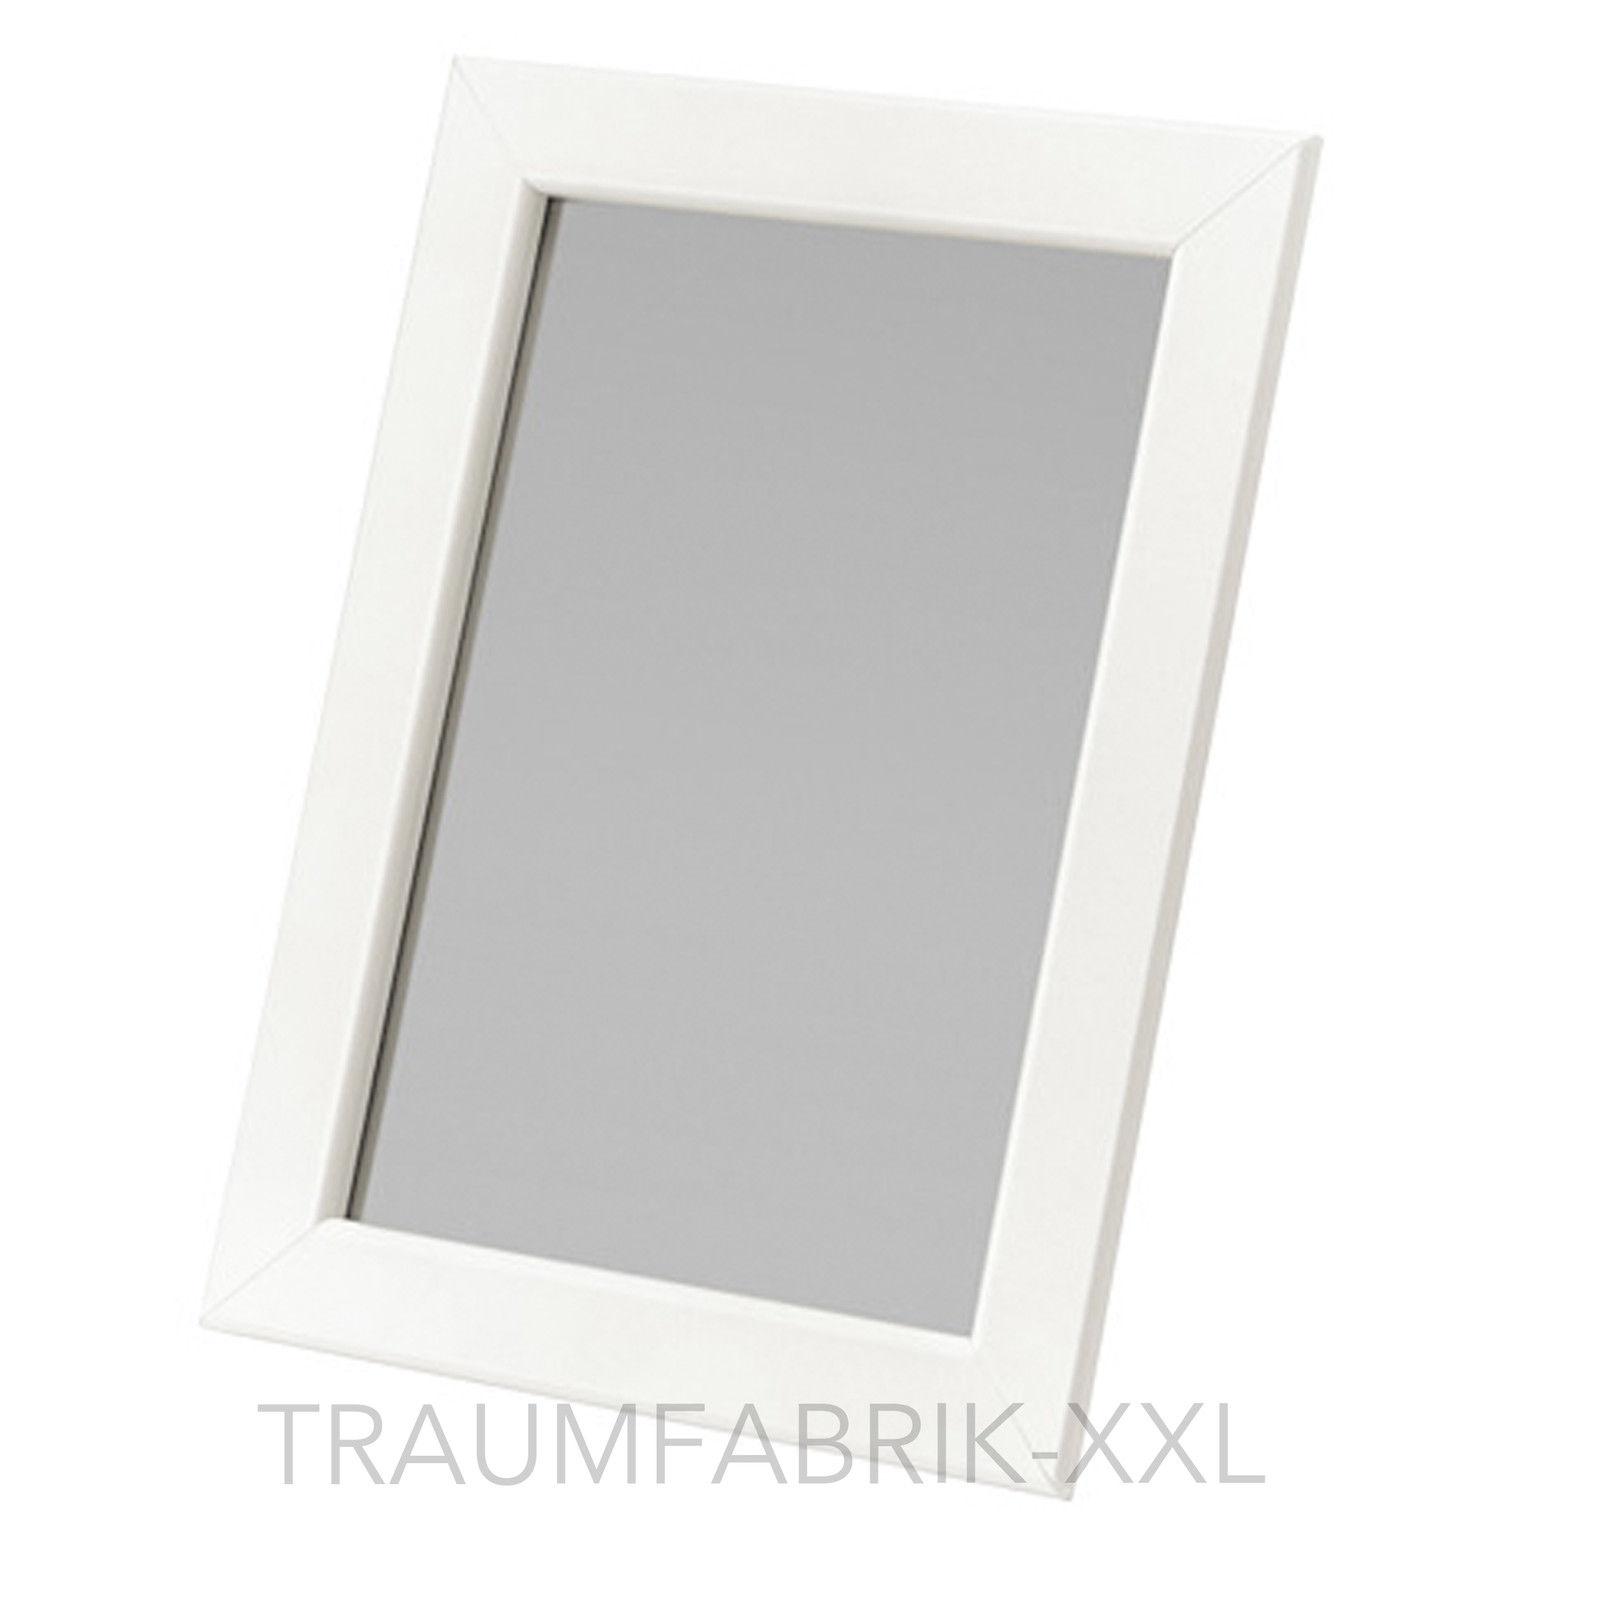 Fotorahmen Ikea Albrunna Rahmen Fiskbo Cadre 13x18 Cm Ribba 10x15